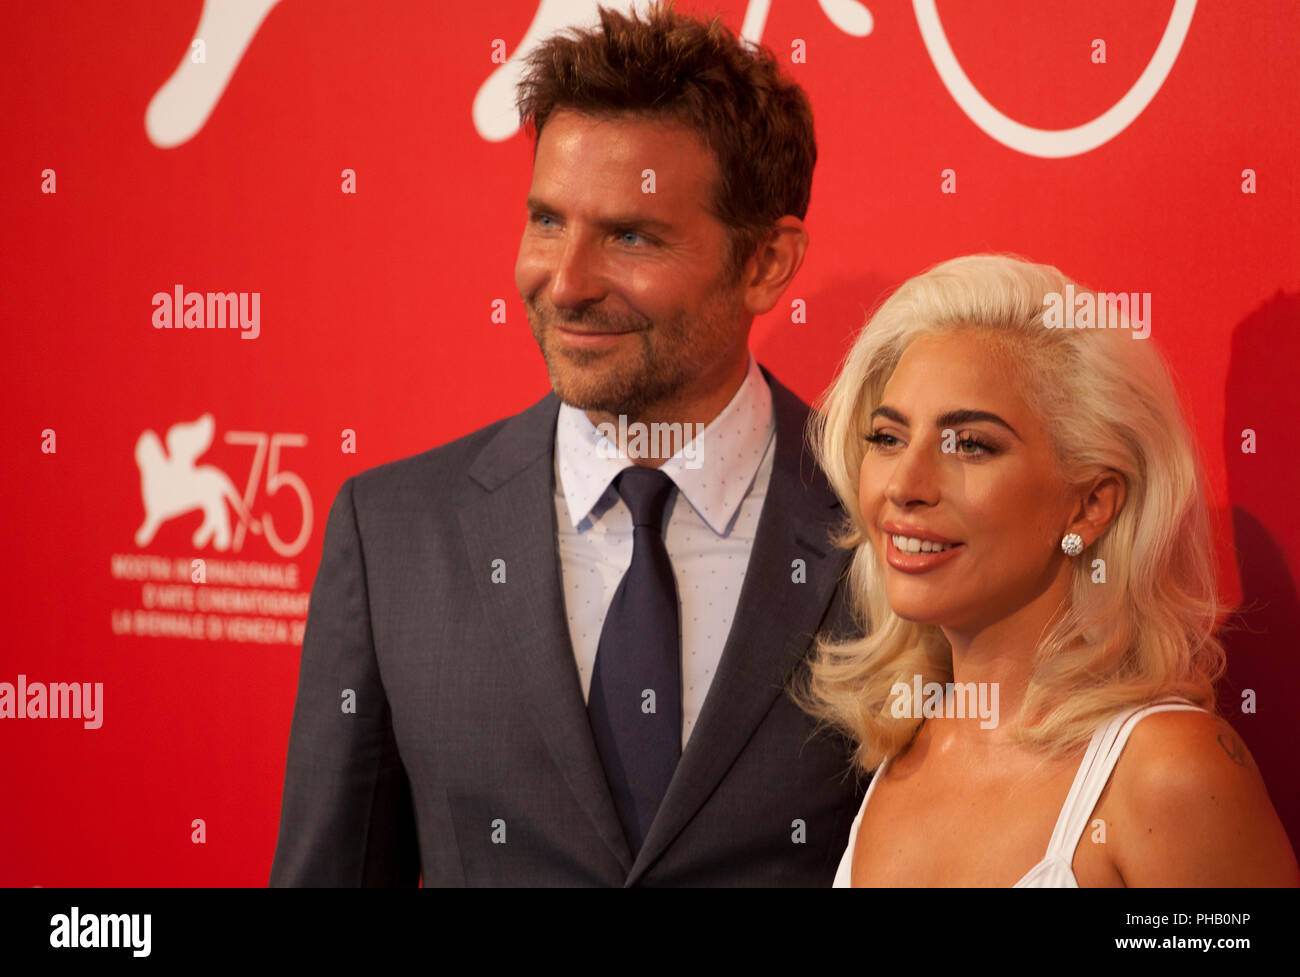 Direttore Bradley Cooper e attrice e cantante Lady Gaga al photocall per il  film è nata una stella al settantacinquesimo Festival del Cinema di  Venezia, venerdì 31 agosto 2018, Venezia Lido, Italia